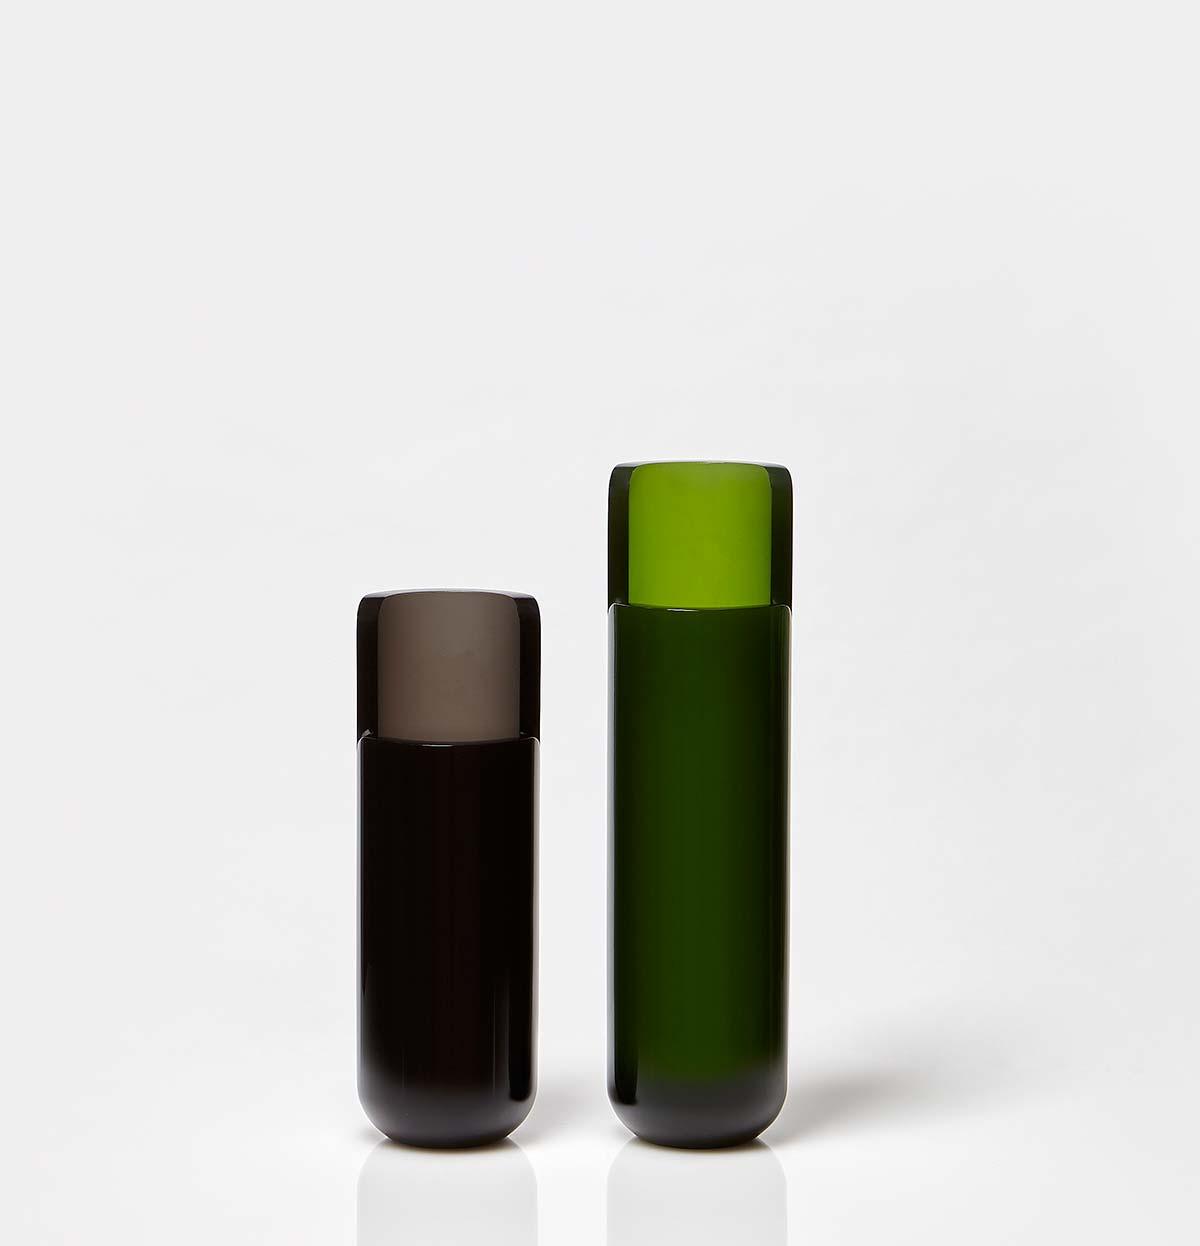 Vaso Masa, colori fumè e bottiglia, by Calvi Brambilla per Antoniolupi